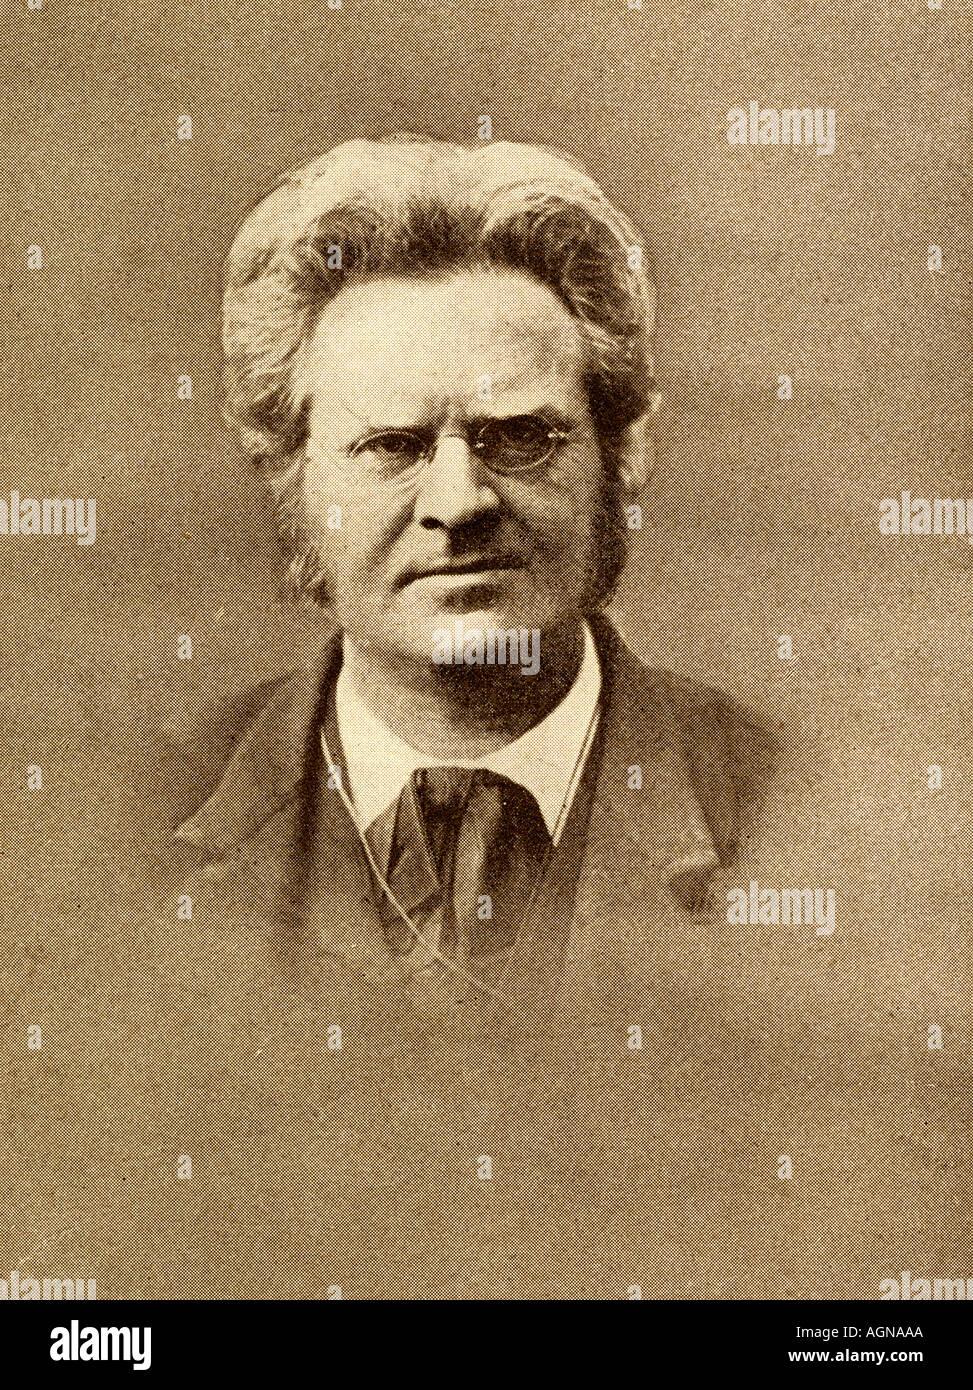 Martinius Bjørnstjerne Bjørnson, 1832 - 1910. Norwegischer Schriftsteller und politischer Führer, Nobelpreisträger für Literatur, 1903. Stockbild